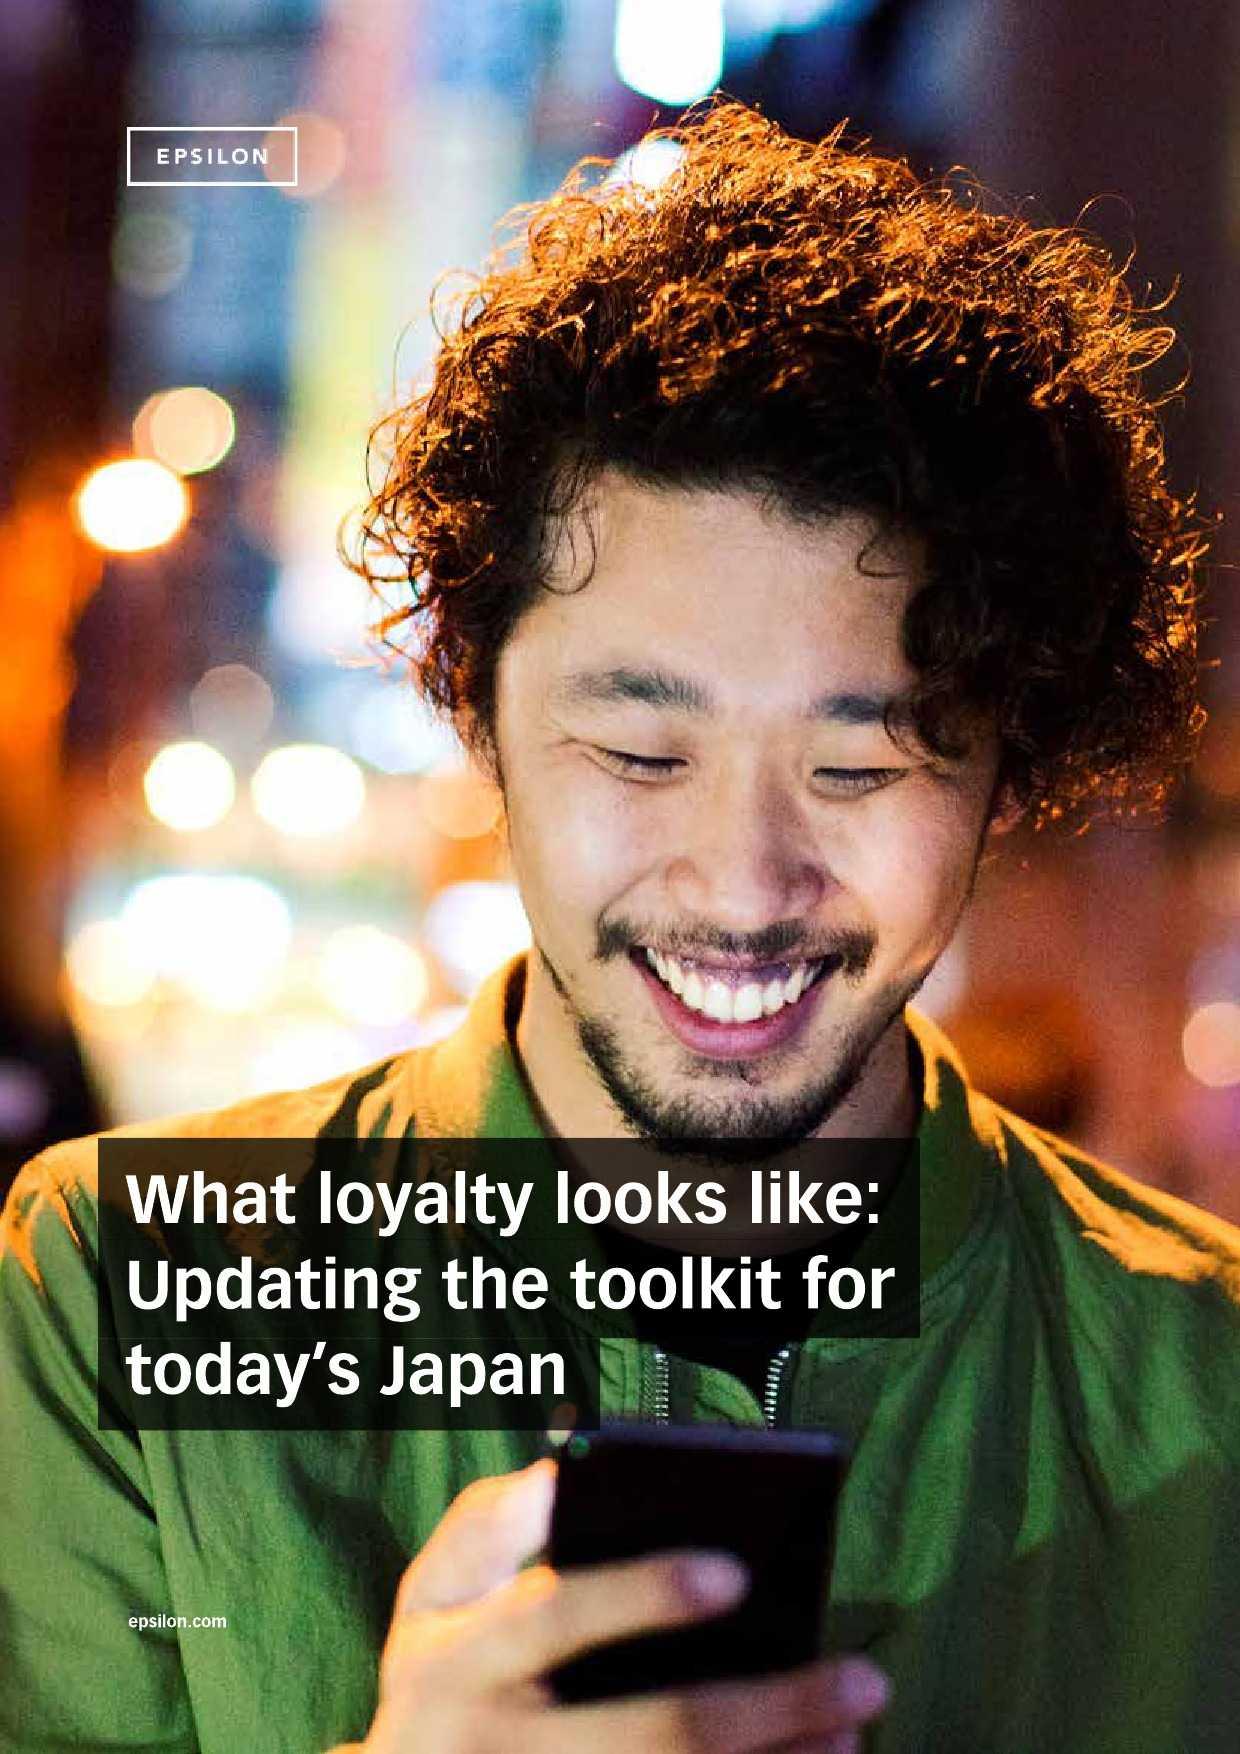 忠诚度的真实模样 - 日本消费者忠诚度报告_000001